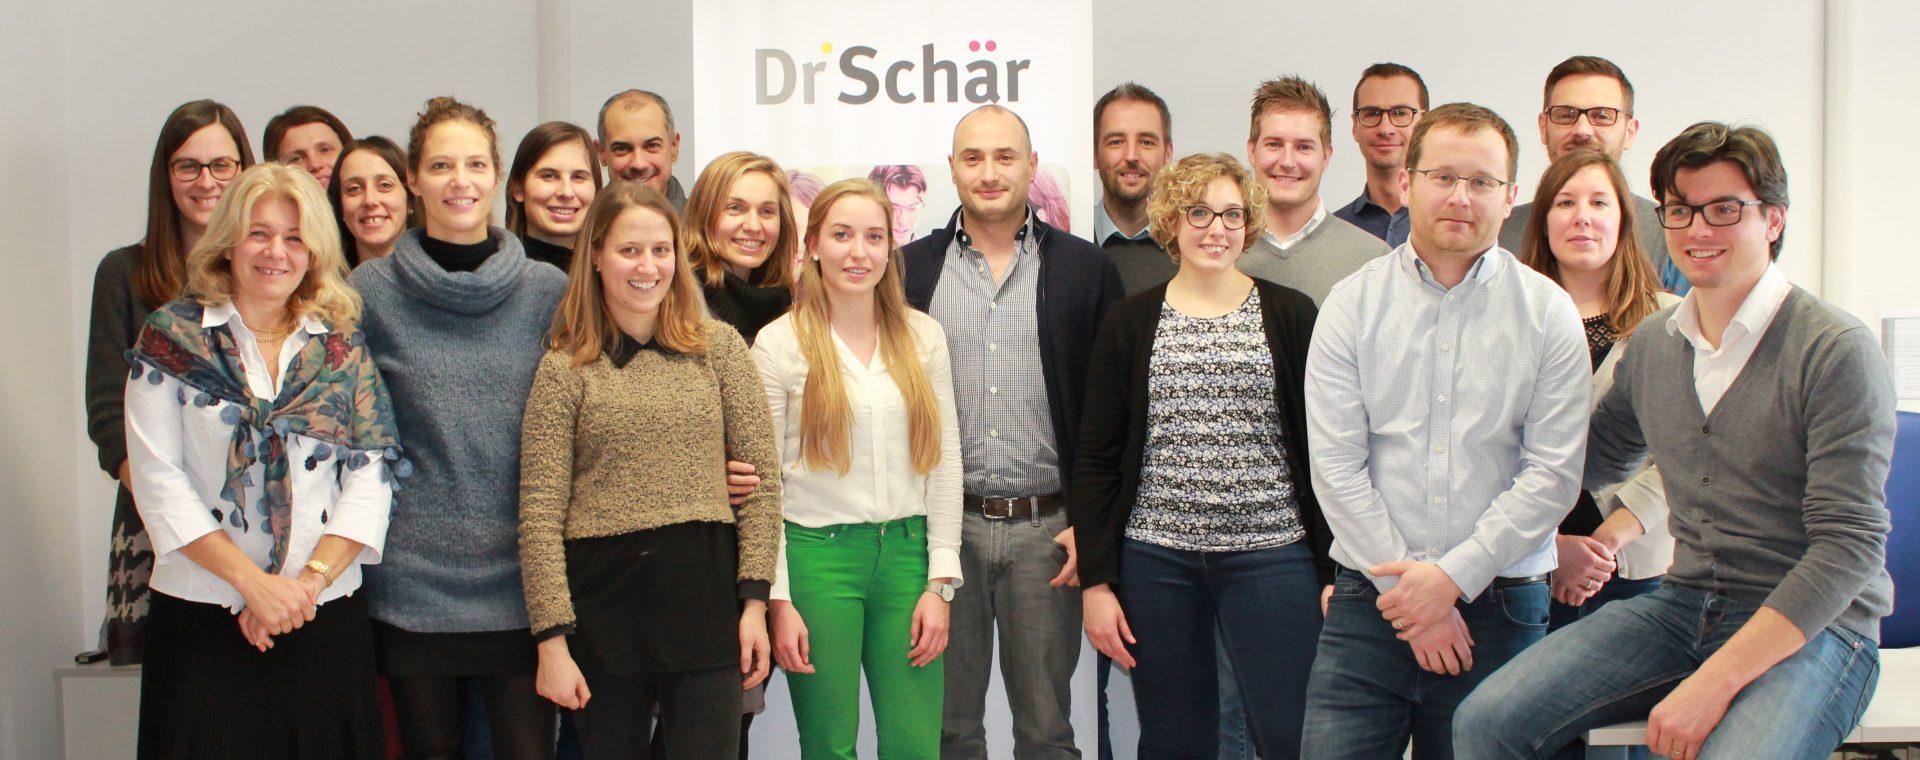 Dr. Schär: nuovi spazi per R&D nel gluten free e nella medical nutrition